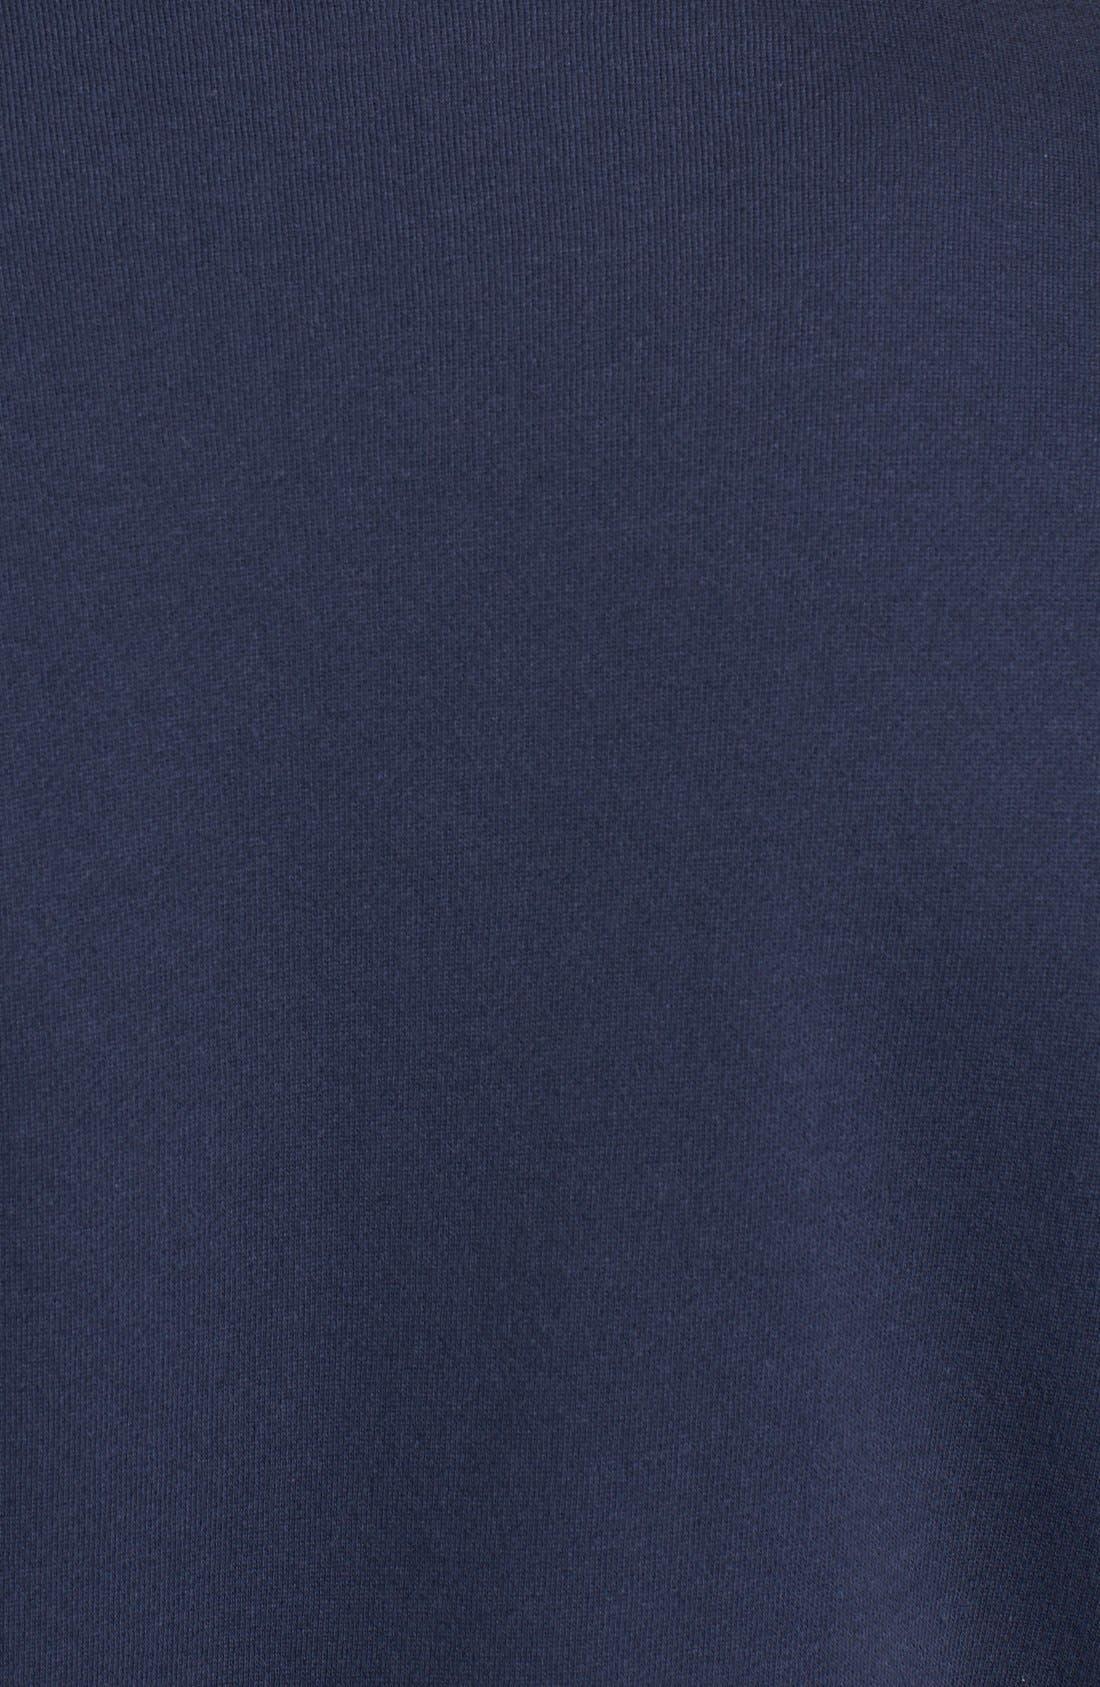 Alternate Image 3  - Obey 'Back Lot' Jersey Varsity Jacket